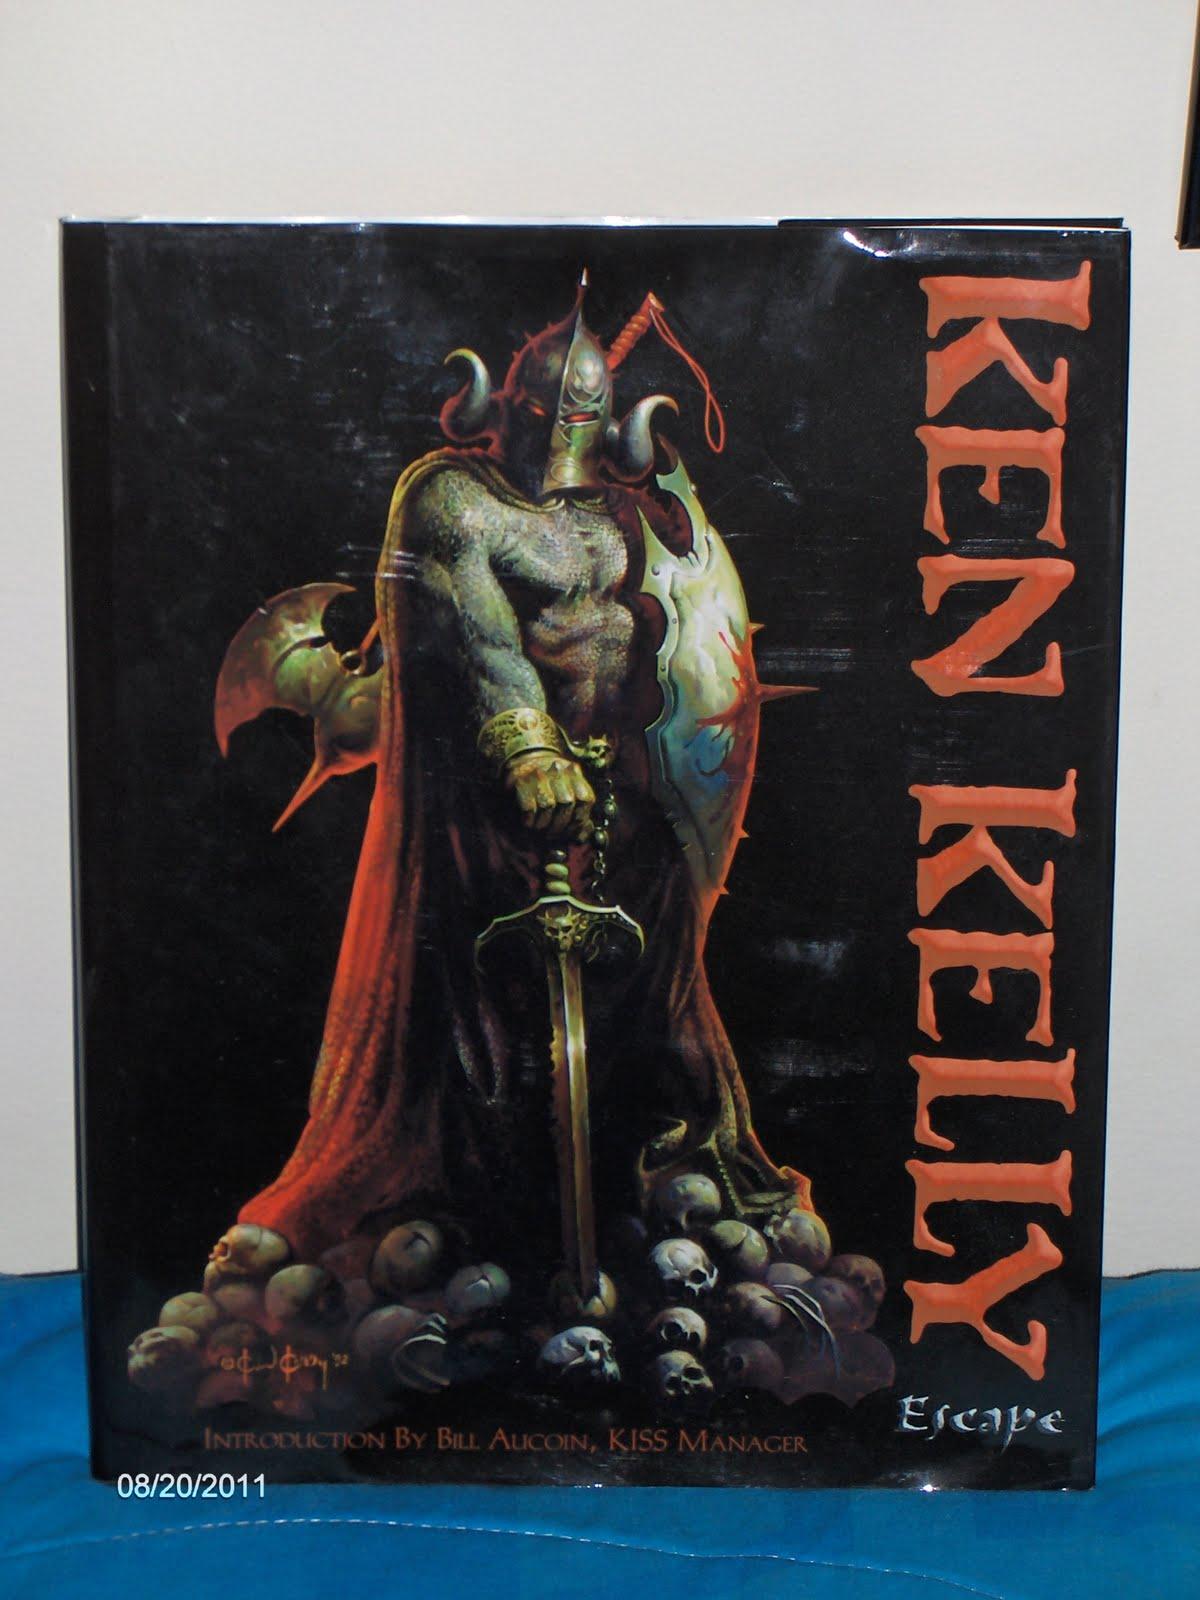 HOMEWORLD: Ken Kelly